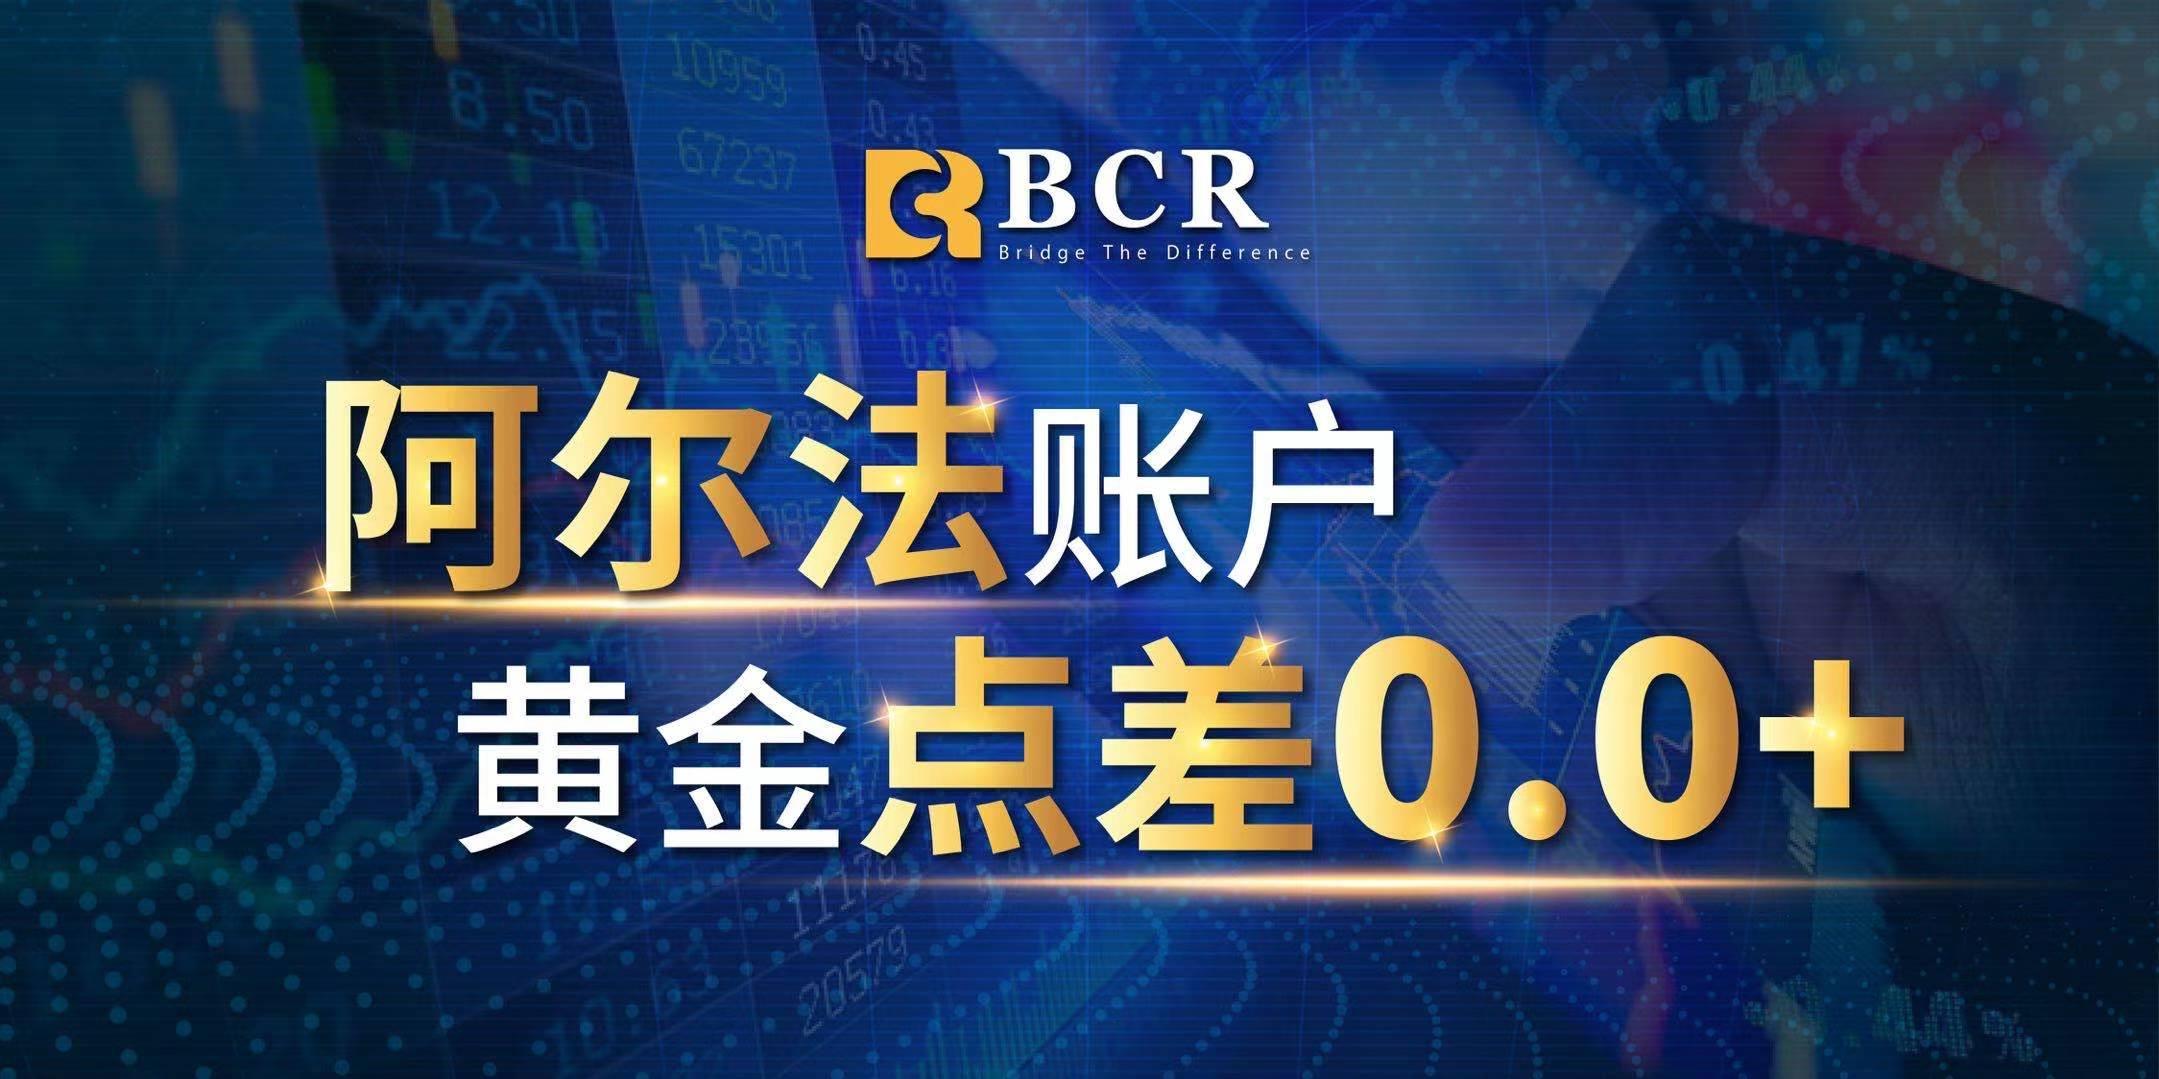 百汇BCR阿尔法账户,黄金点差低至零